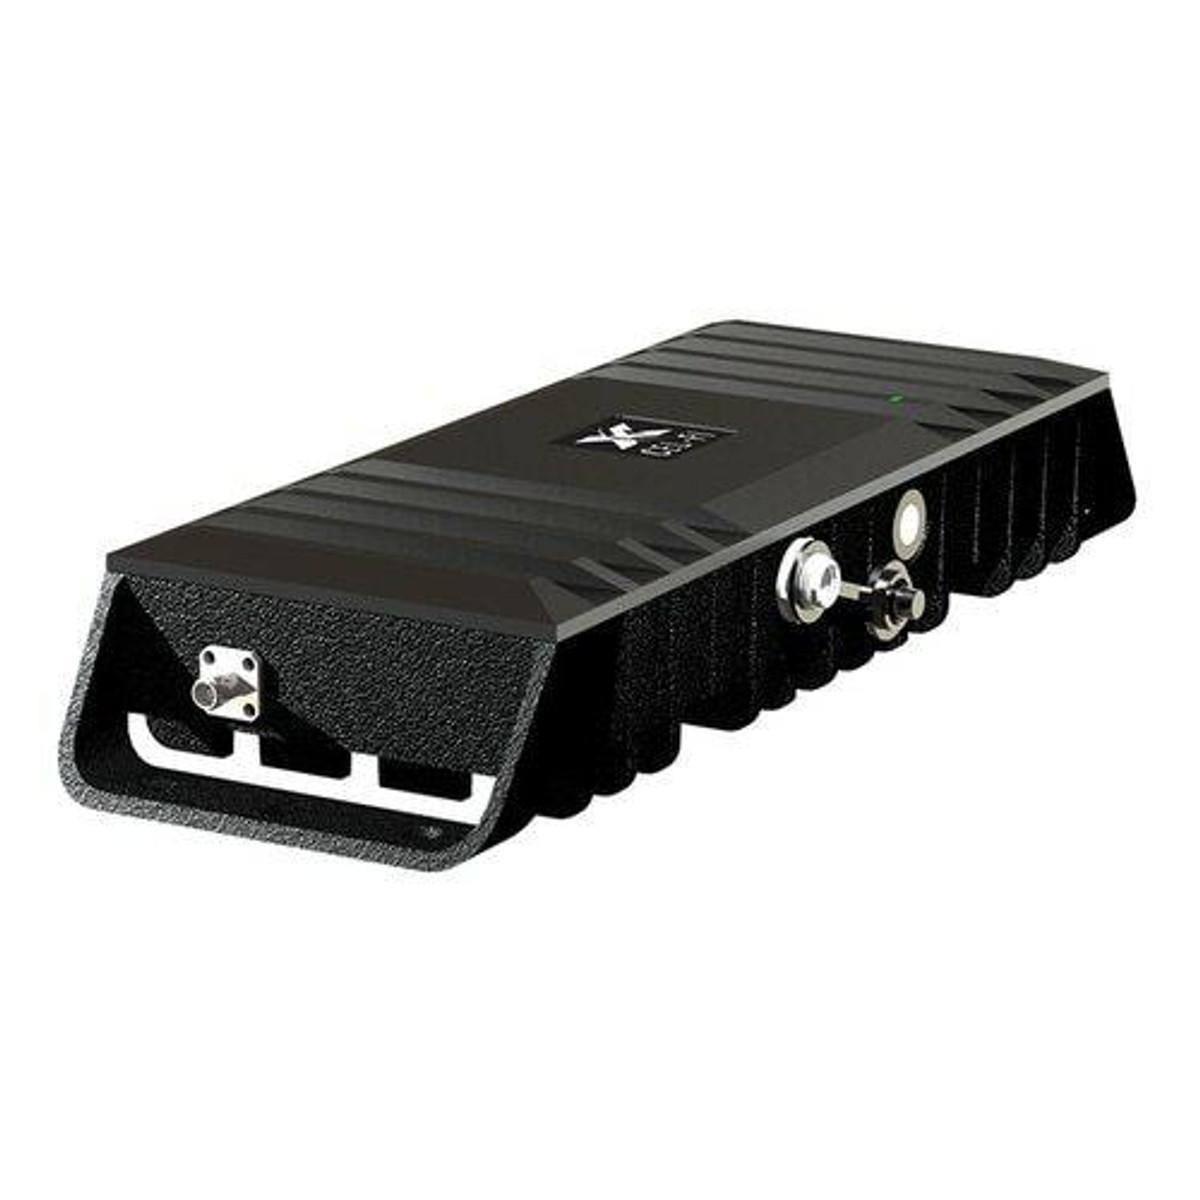 Cel-Fi Cel-Fi GO X Smart Signal Booster Kit, Refurbished